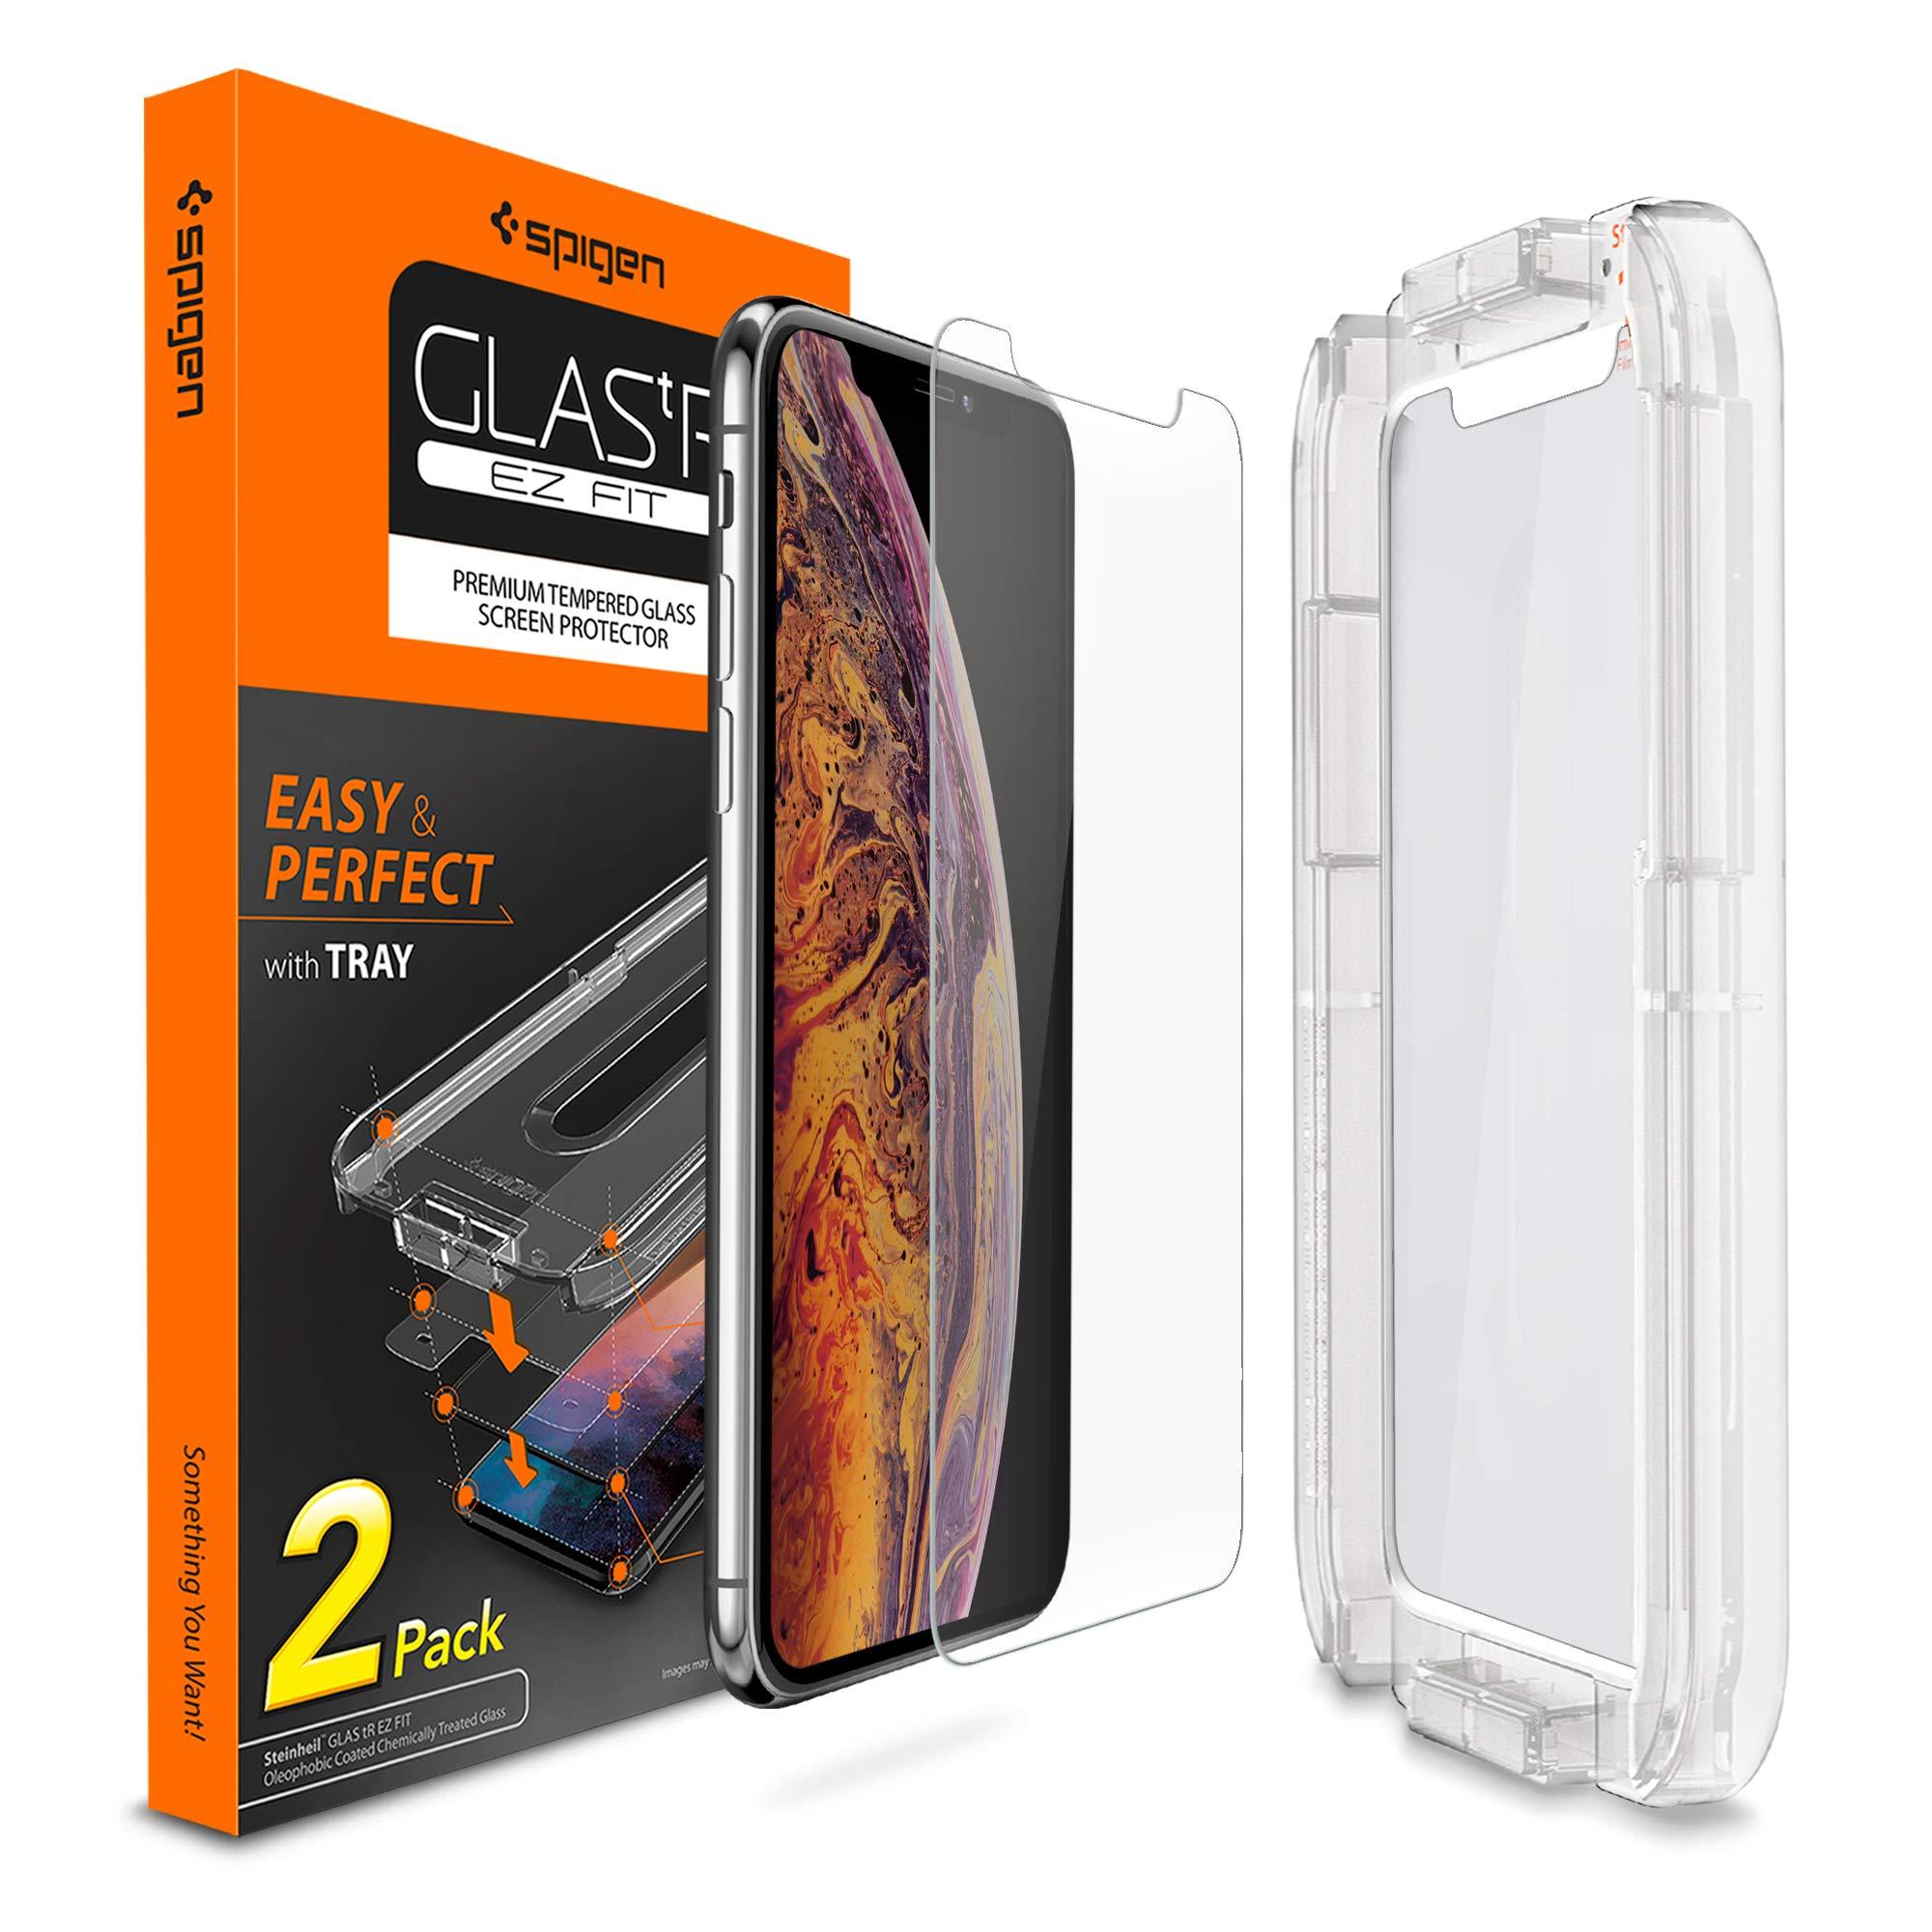 Vidrio Templado Spigen P/ iPhone X/xs Pack X 2